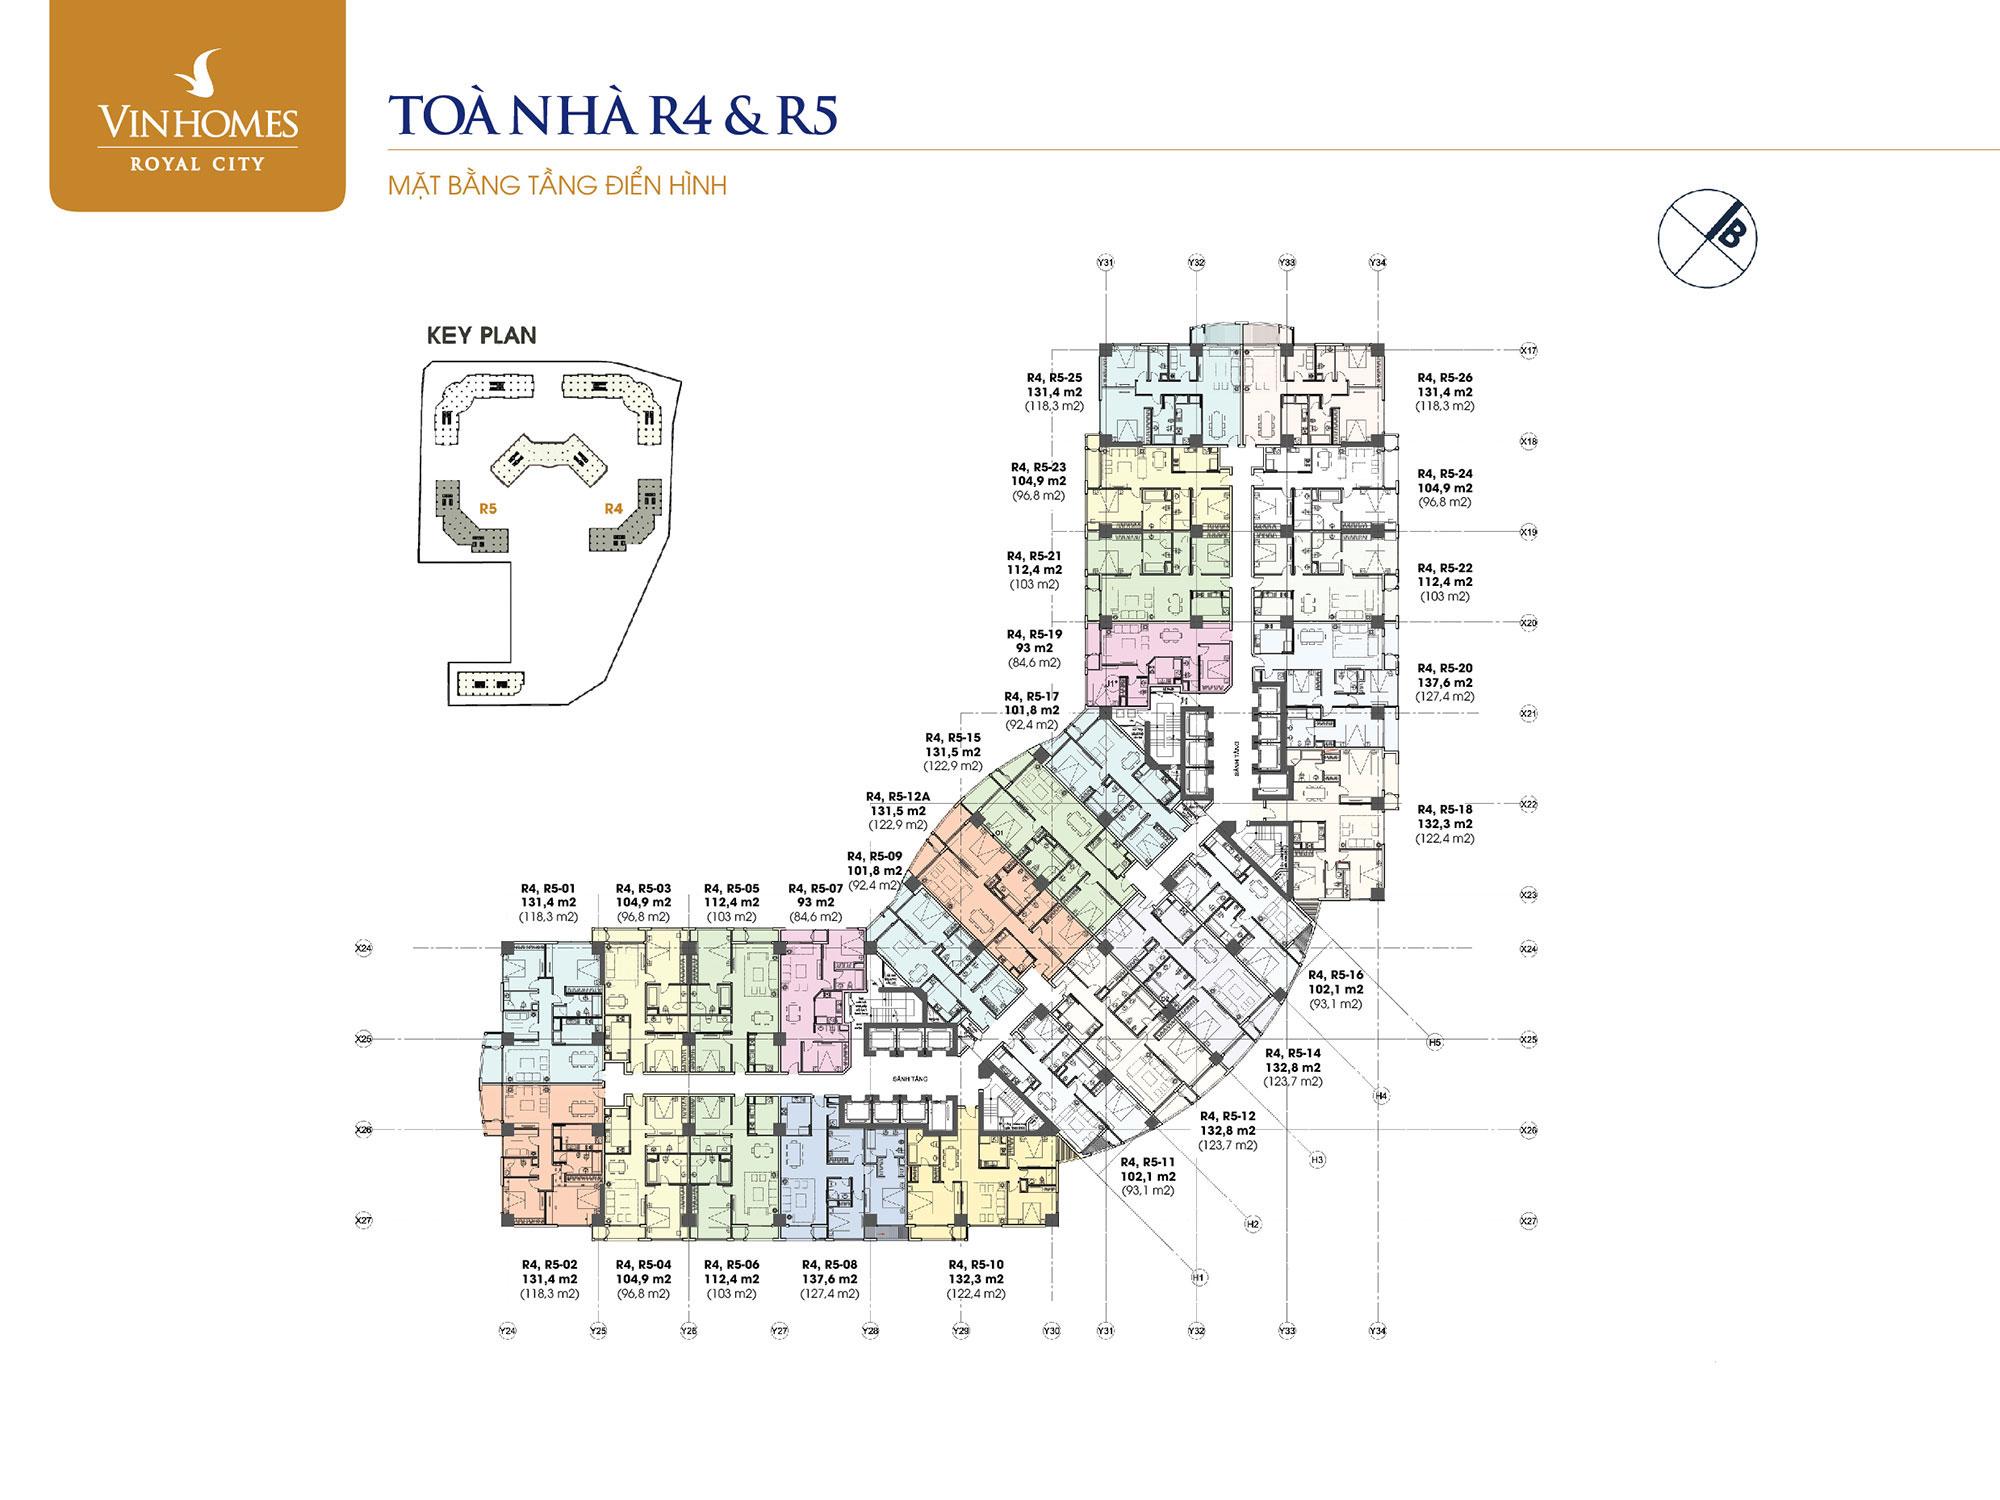 mat-bang-tang-3-35-toa-r4-r5-vinhomes-royal-city